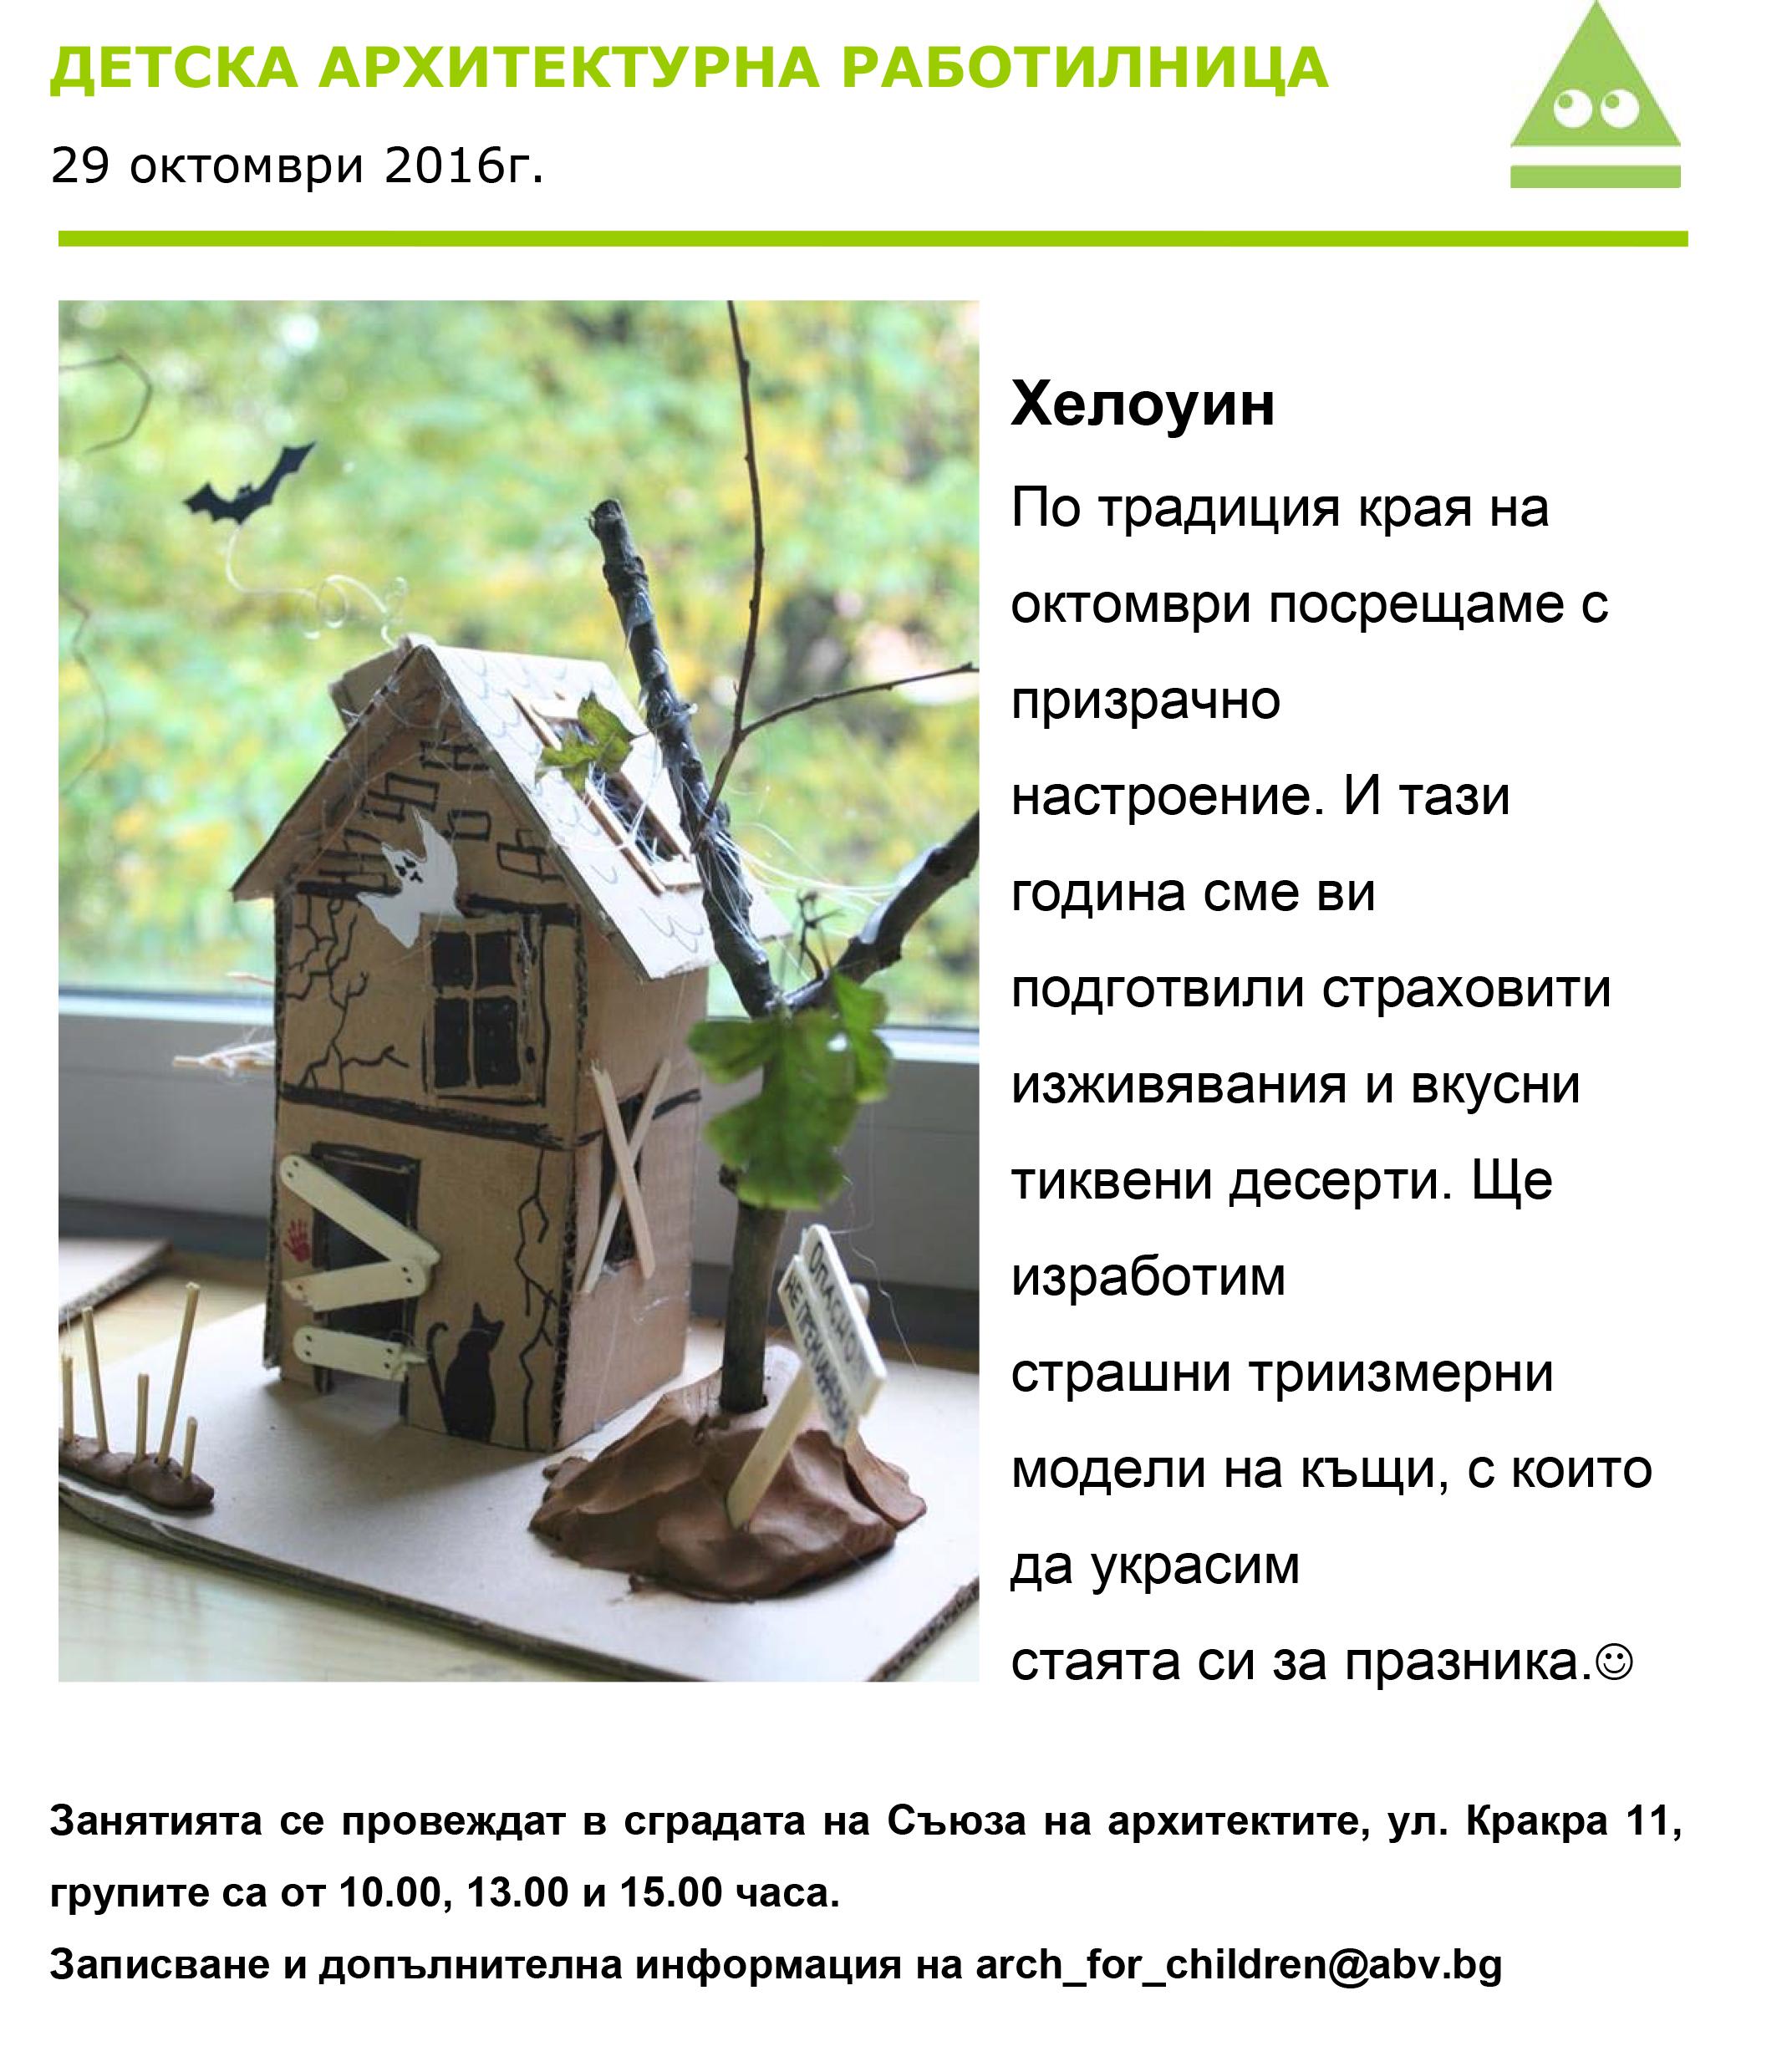 29 октомври 2016г - Страшни къщи за Хелоуин